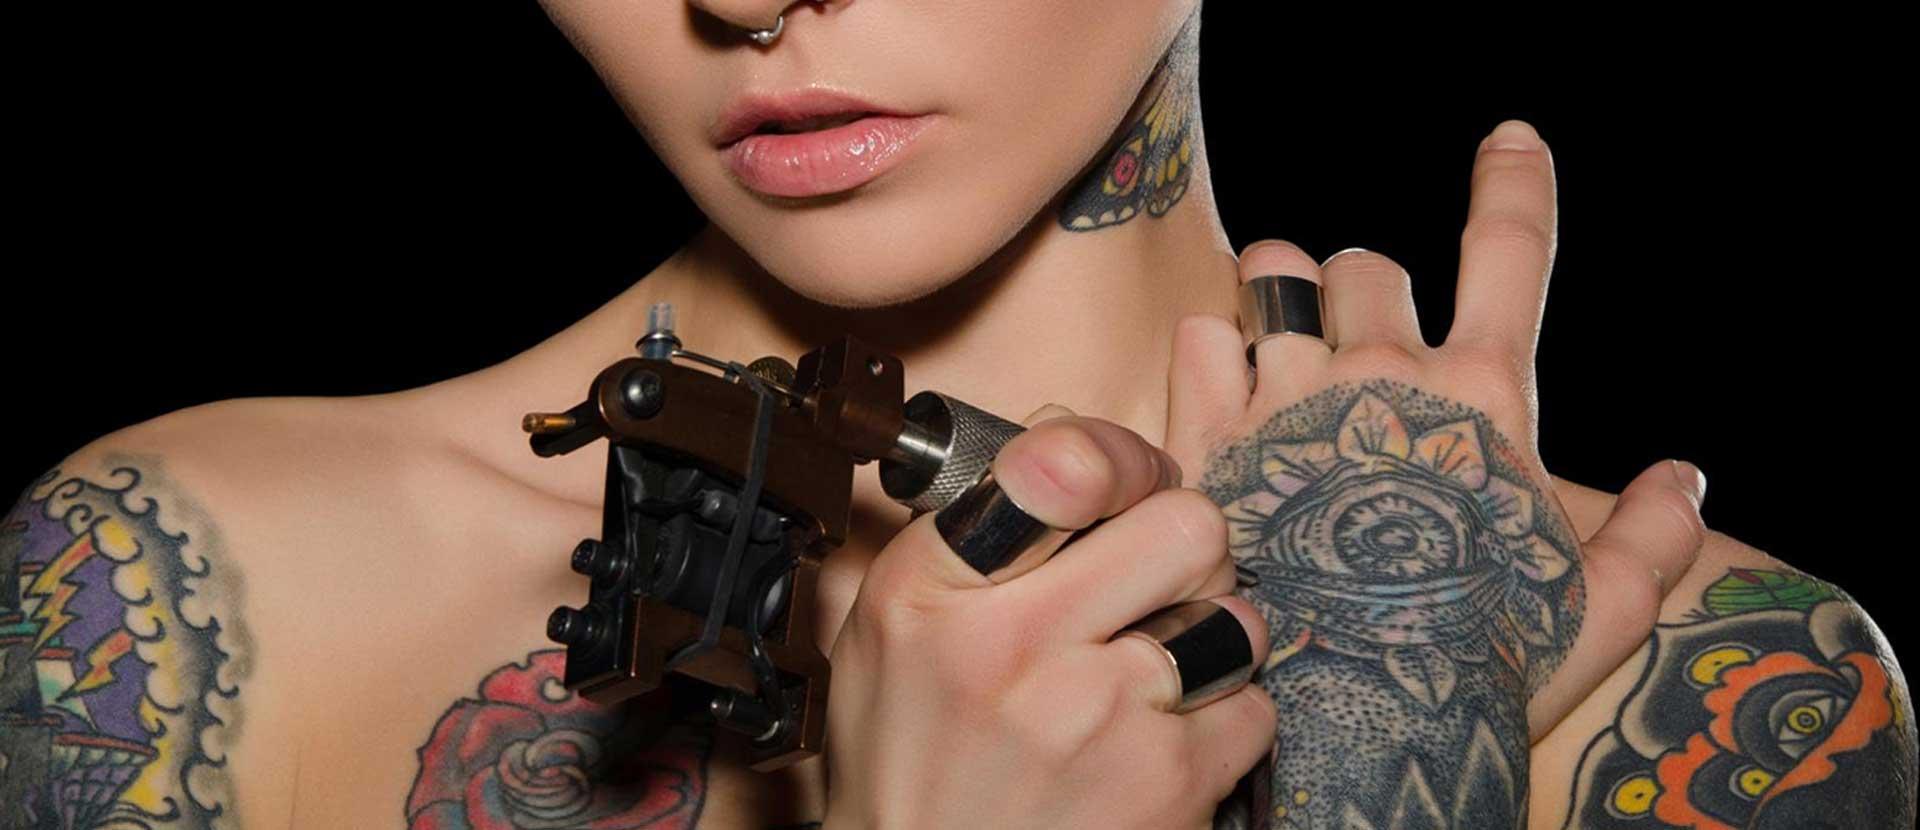 Vuoi imparare a diventare un tatuatore professionale?